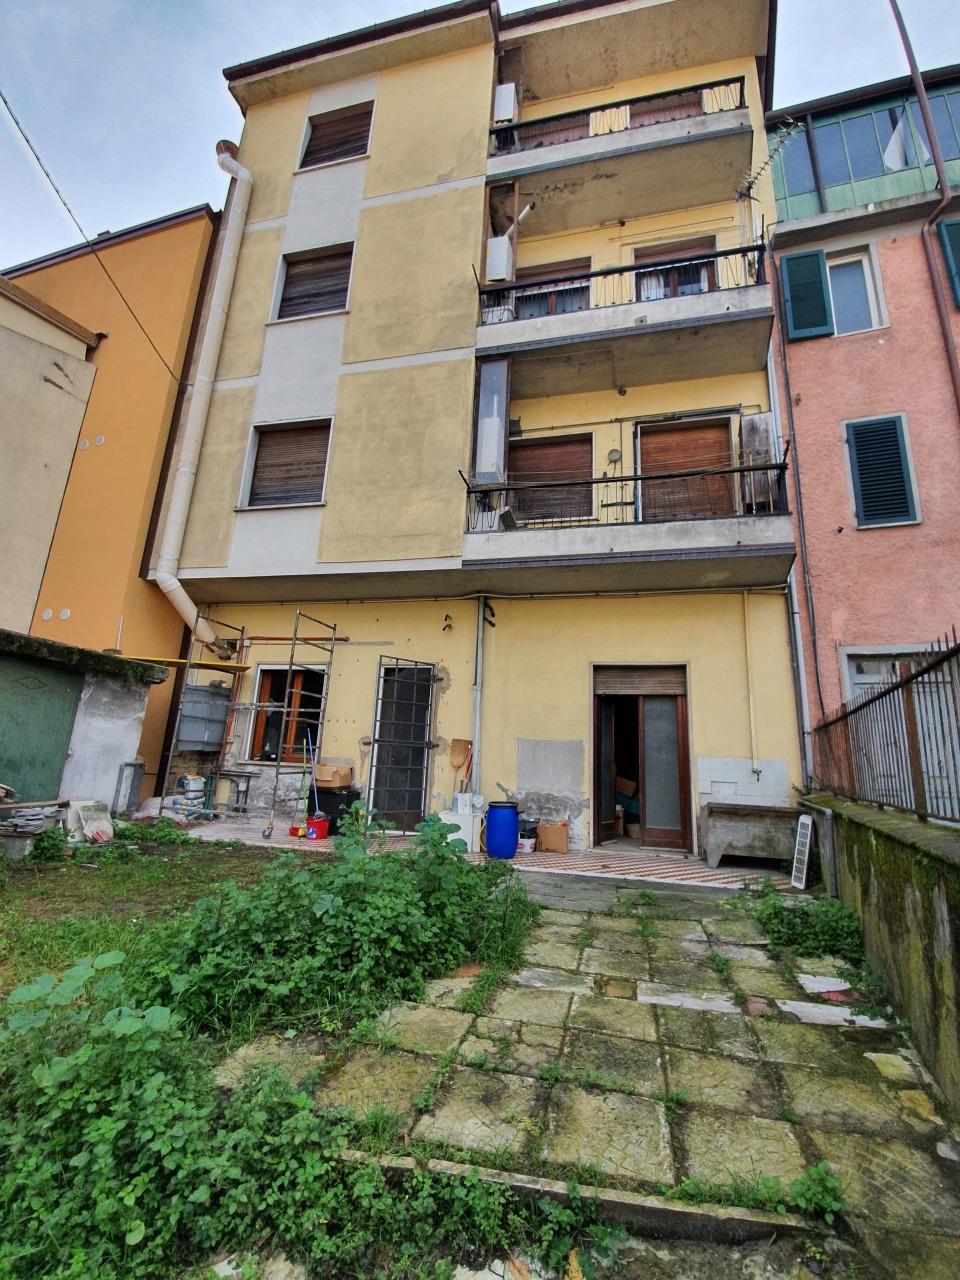 Capannone in vendita a Montignoso, 2 locali, prezzo € 60.000 | PortaleAgenzieImmobiliari.it